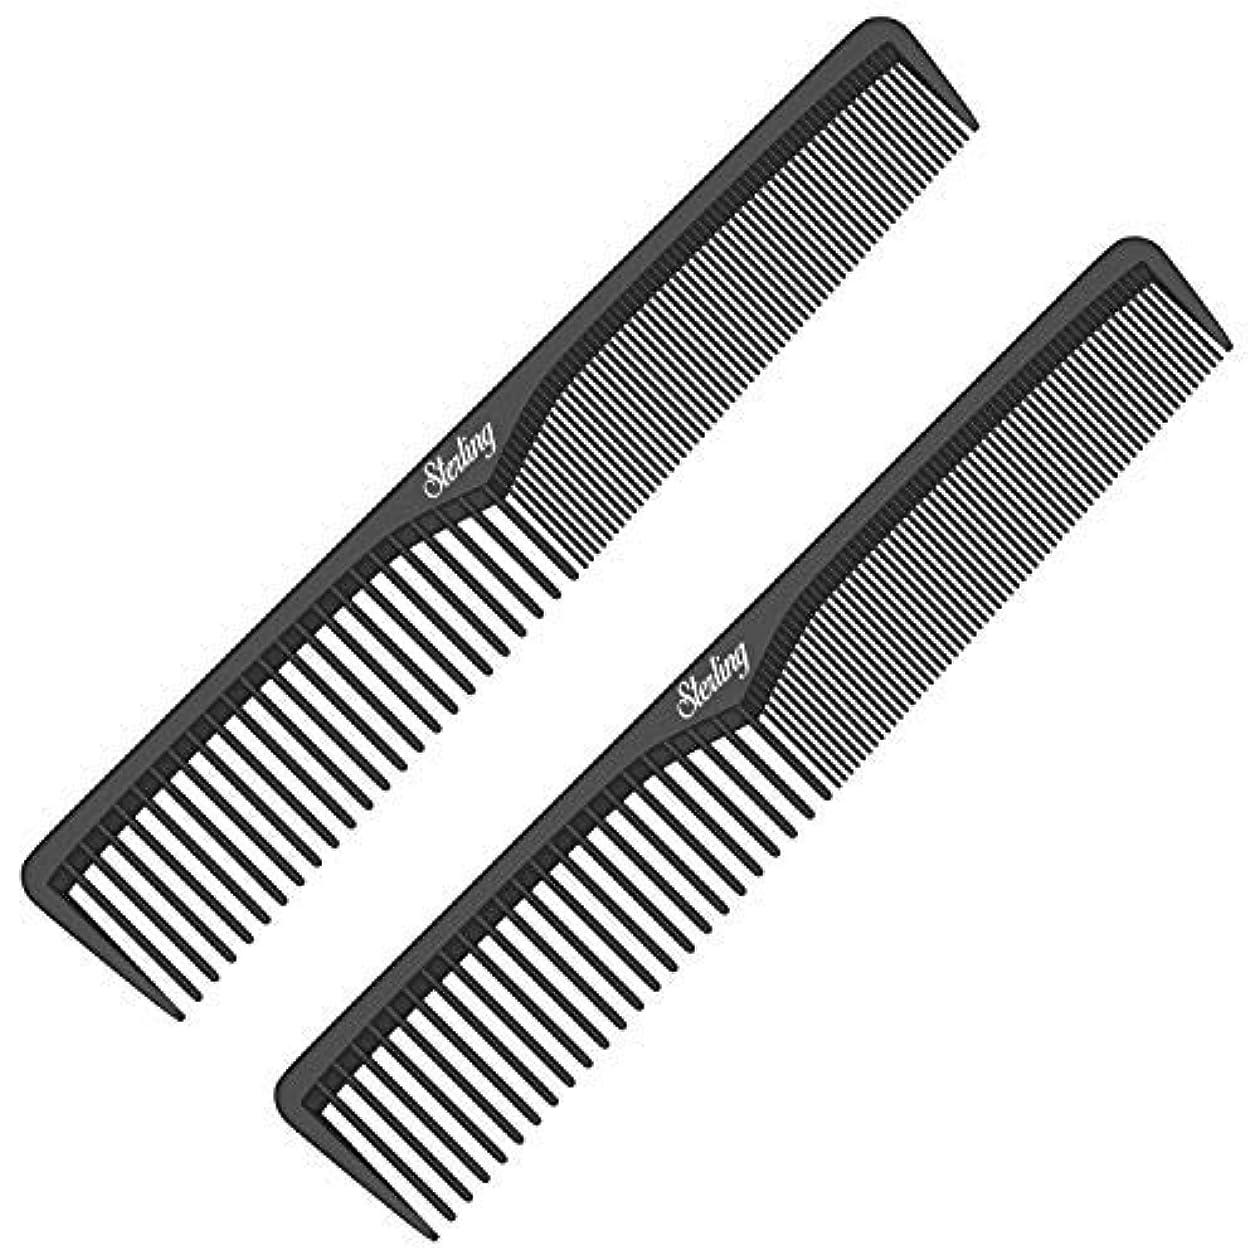 六分儀足枷認めるStyling Comb (2 Pack)   Professional 7  Black Carbon Fiber Anti Static Chemical And Heat Resistant Combs For All...